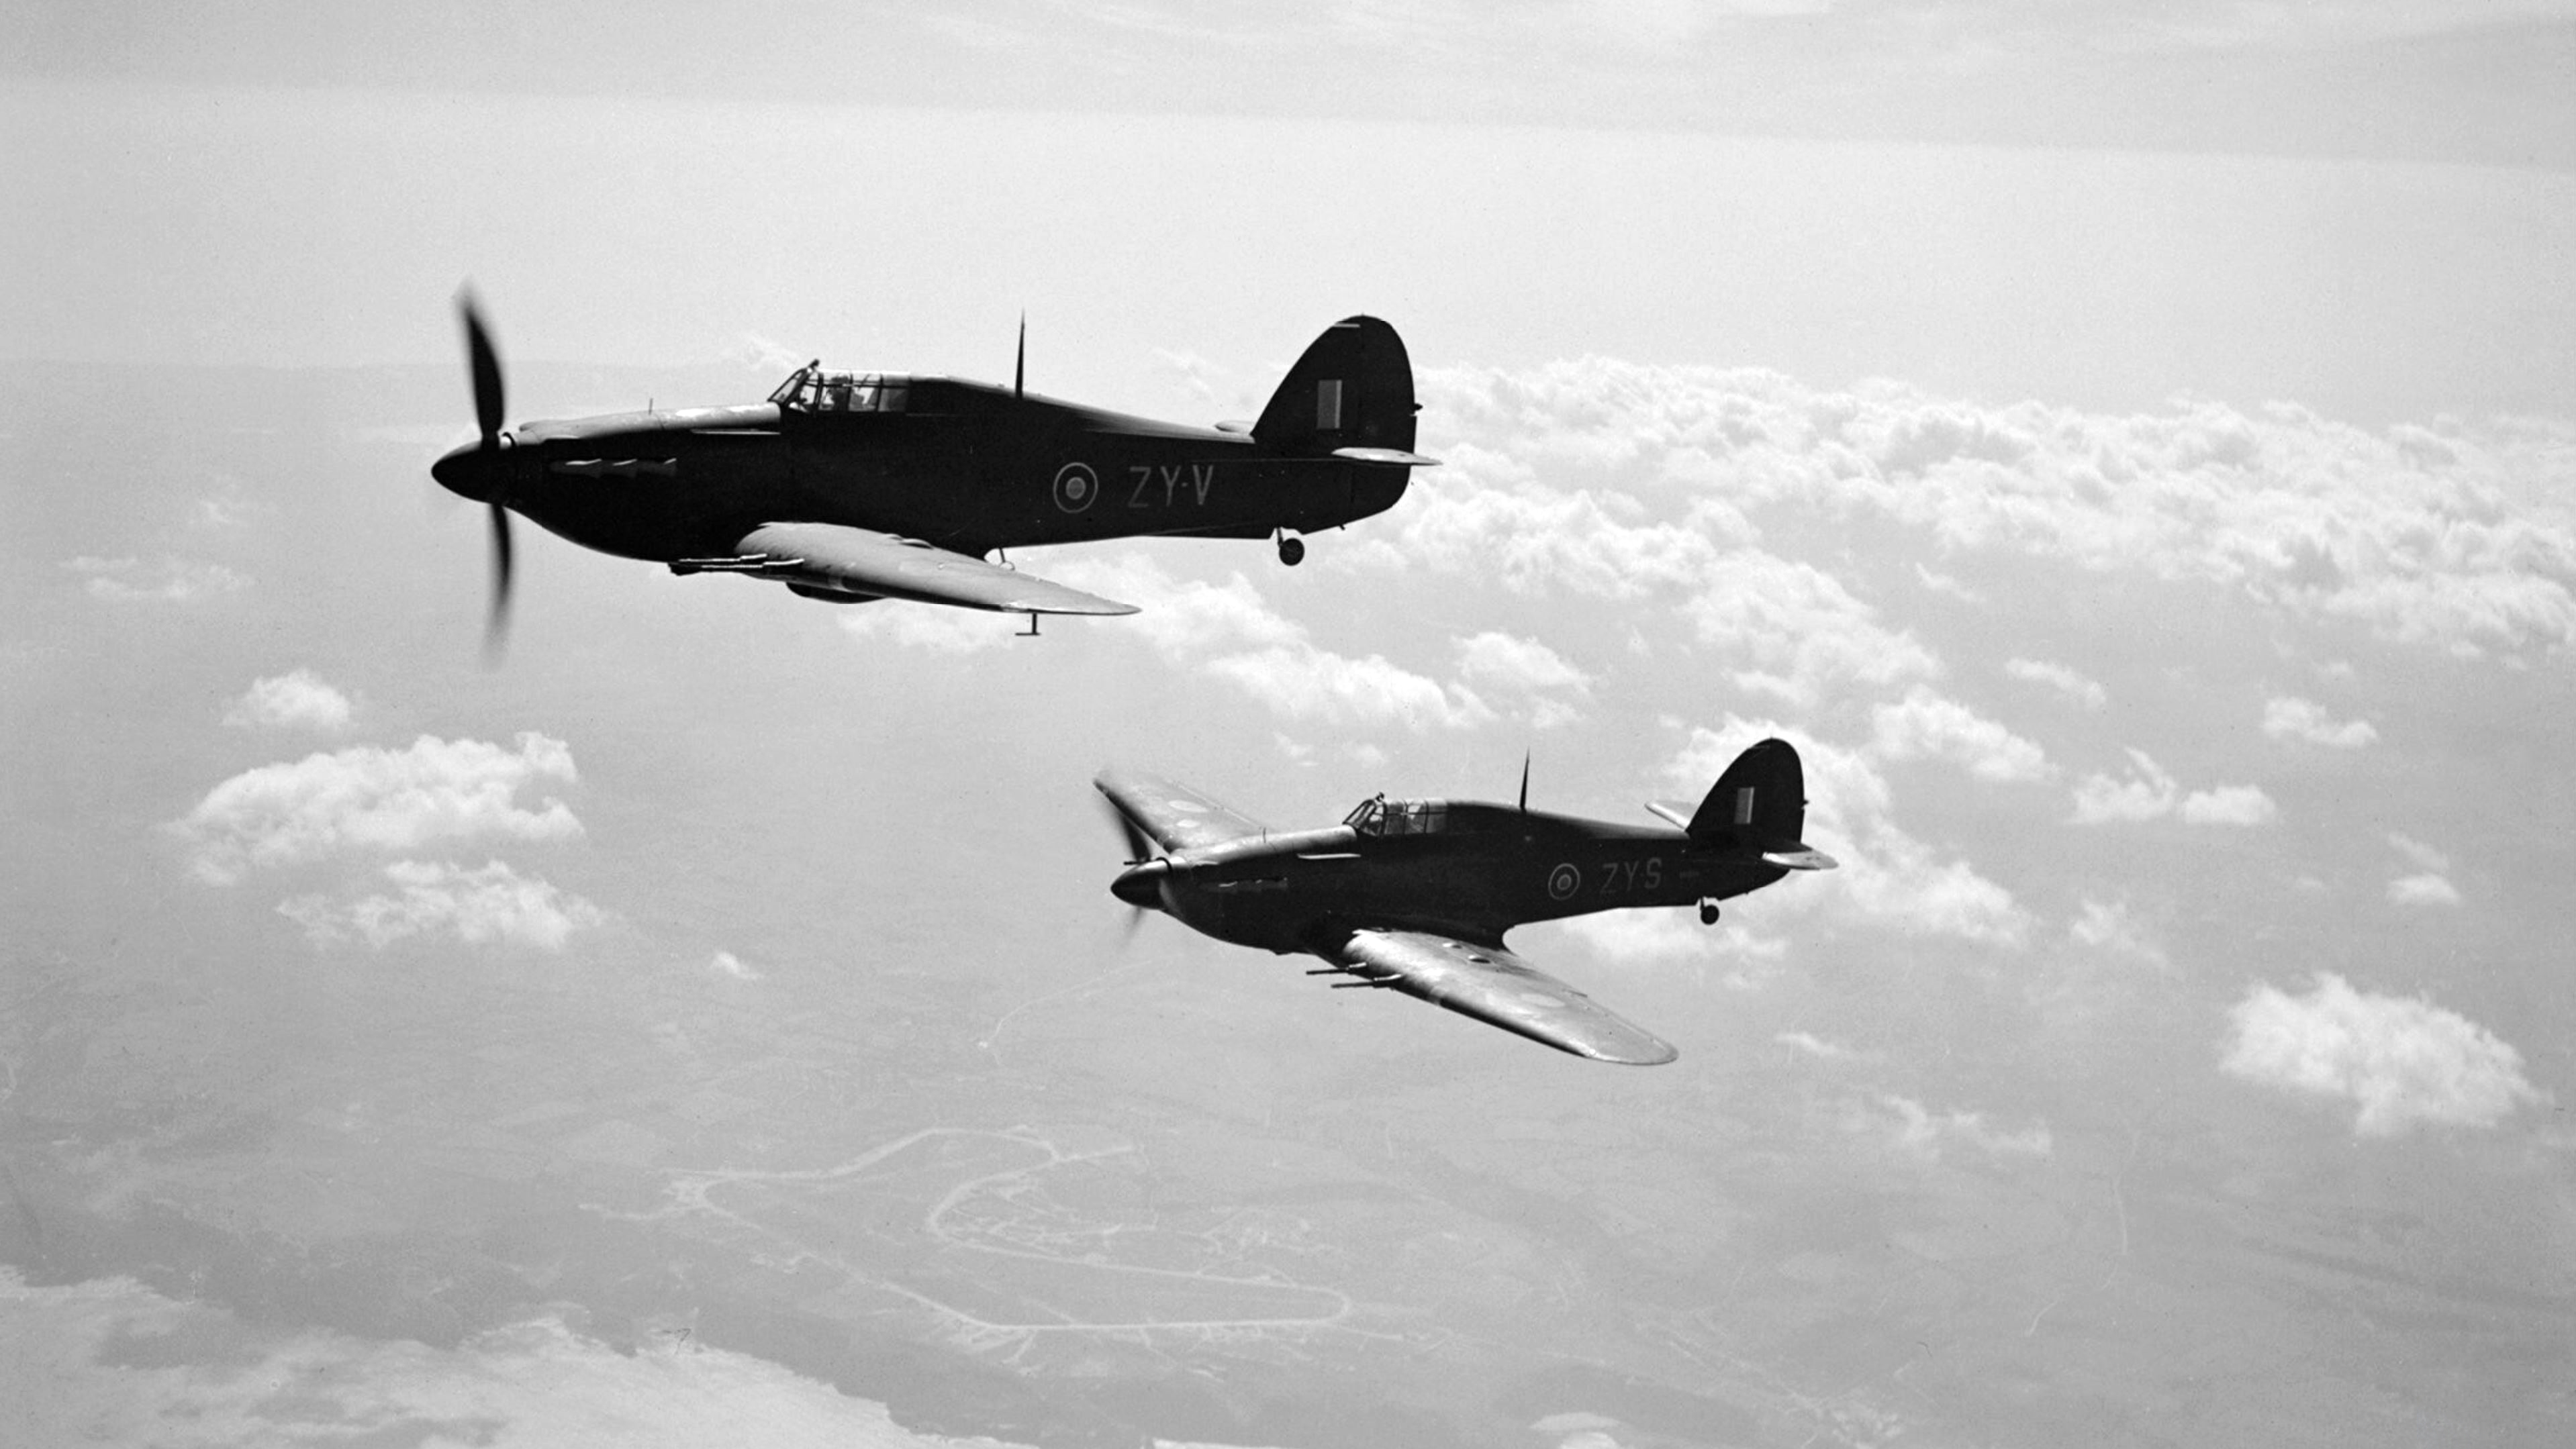 Hurricane IIC RAF 247Sqn ZYV BE634 ZYS BD936 based at Predannack Cornwall IWM CH5485a